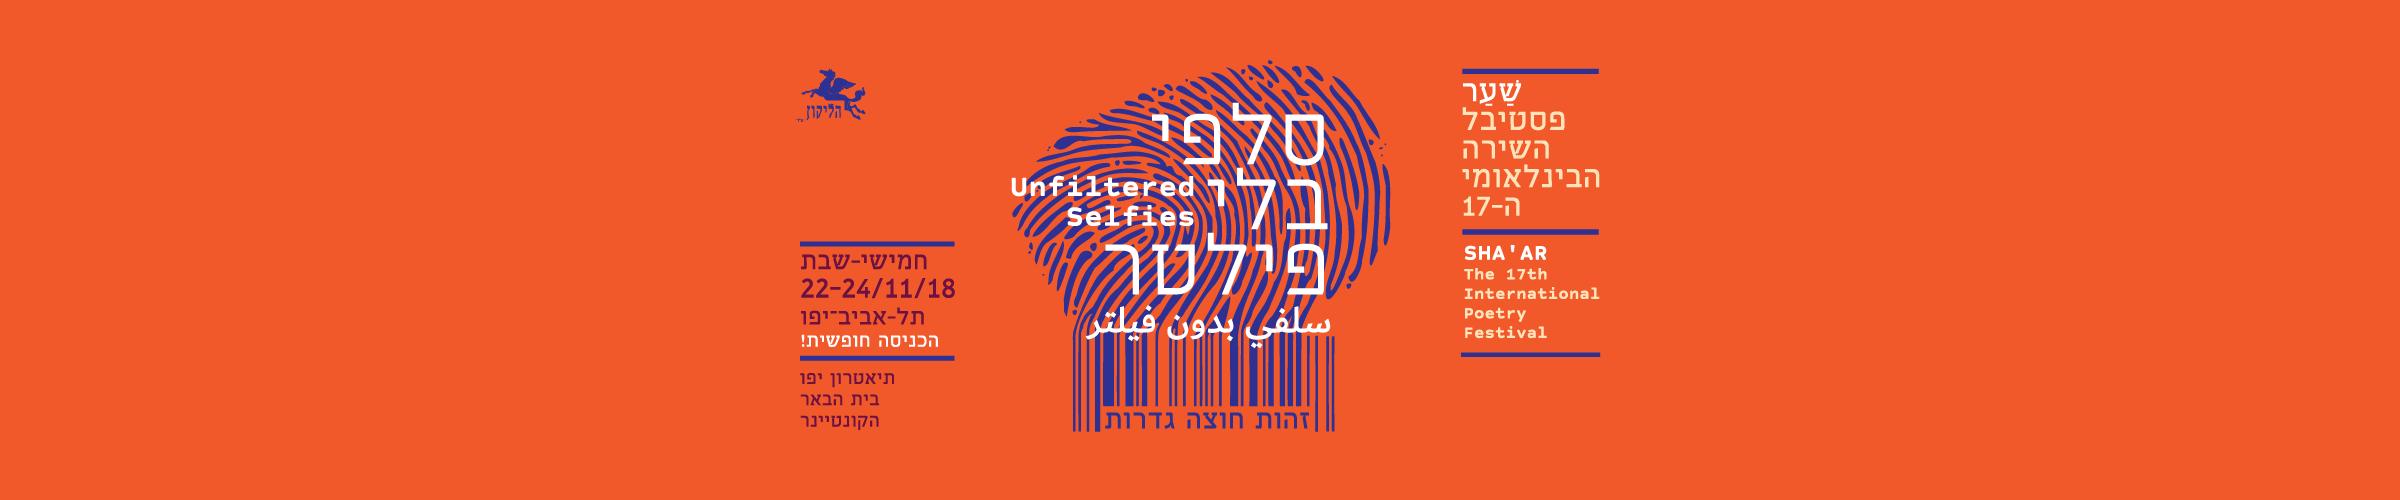 ״שער״ פסטיבל השירה 2018